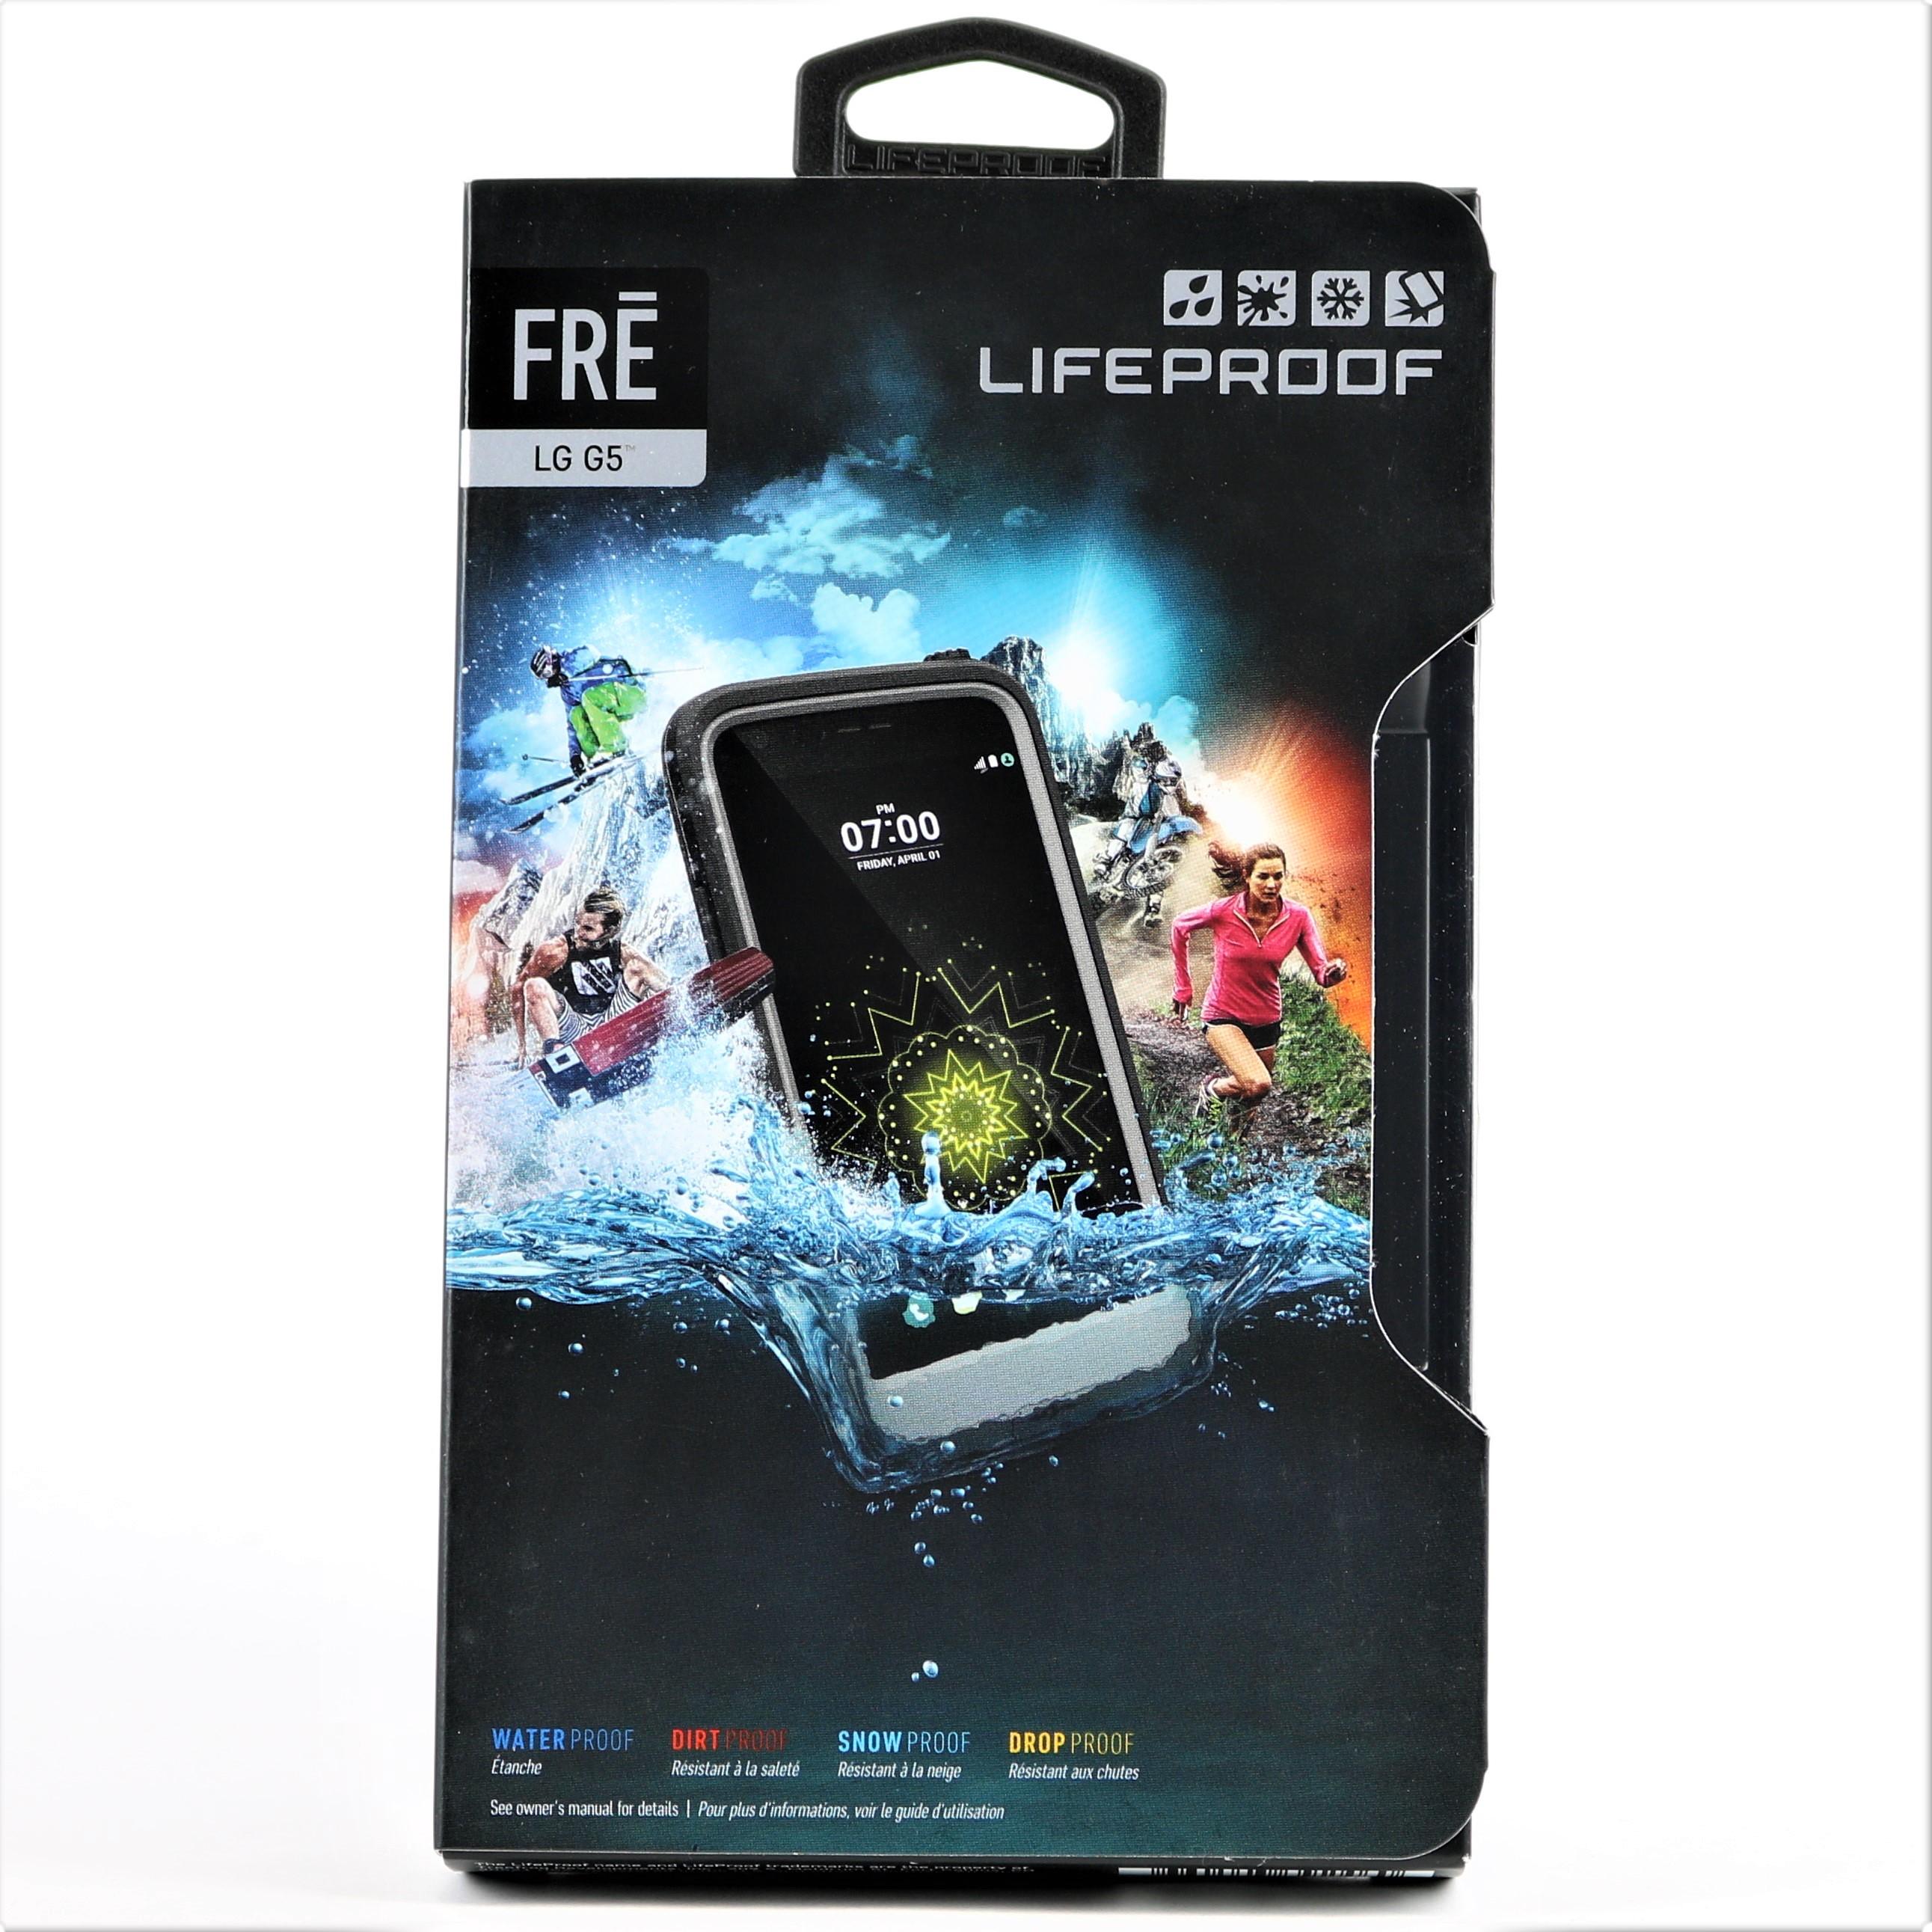 New Lifeproof Fr Series Waterproof Case For Lg G5 Black